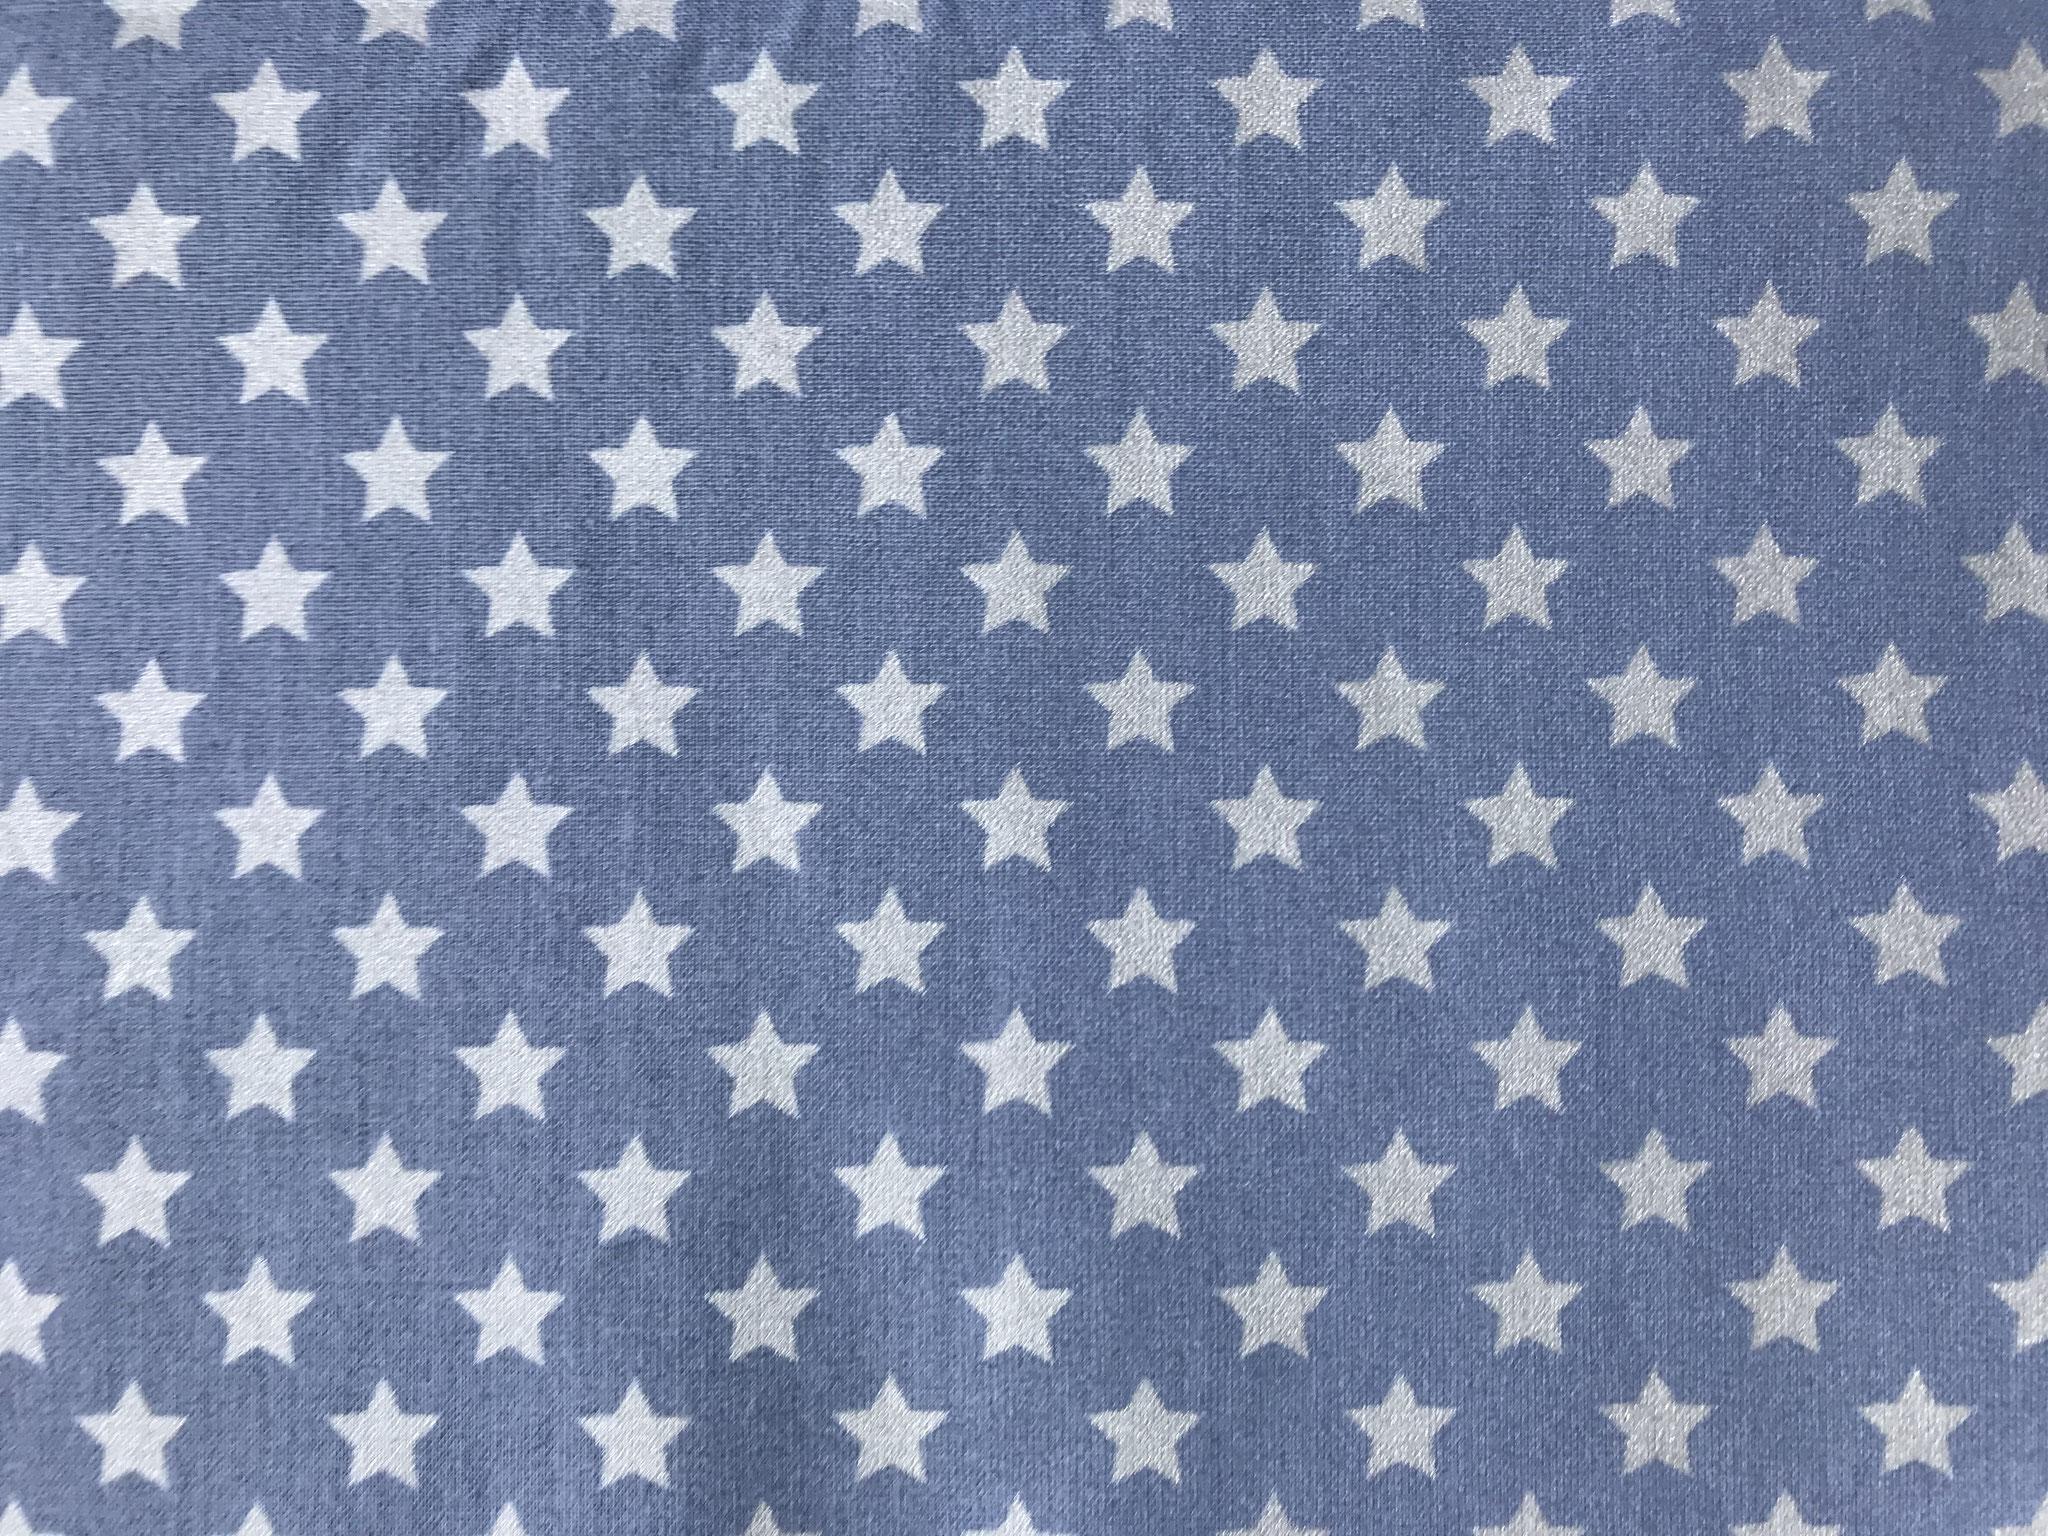 Sterne spezialblau